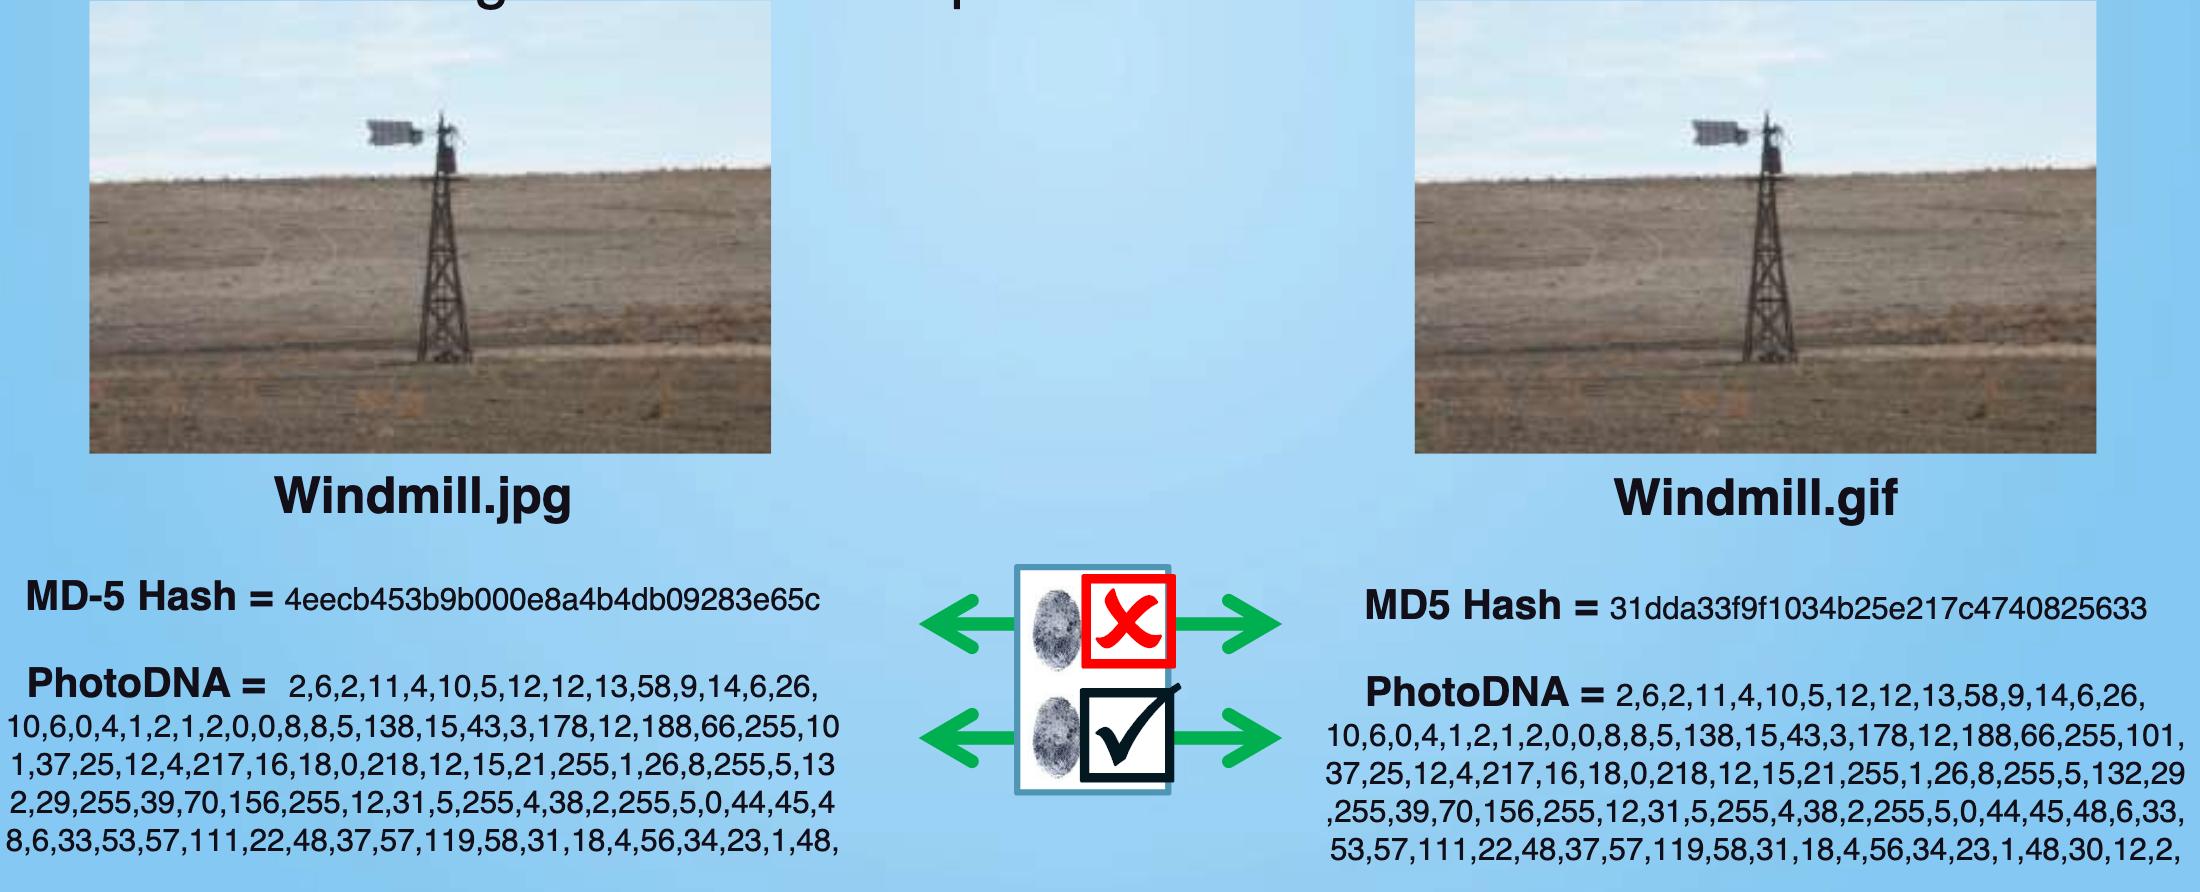 photodna2